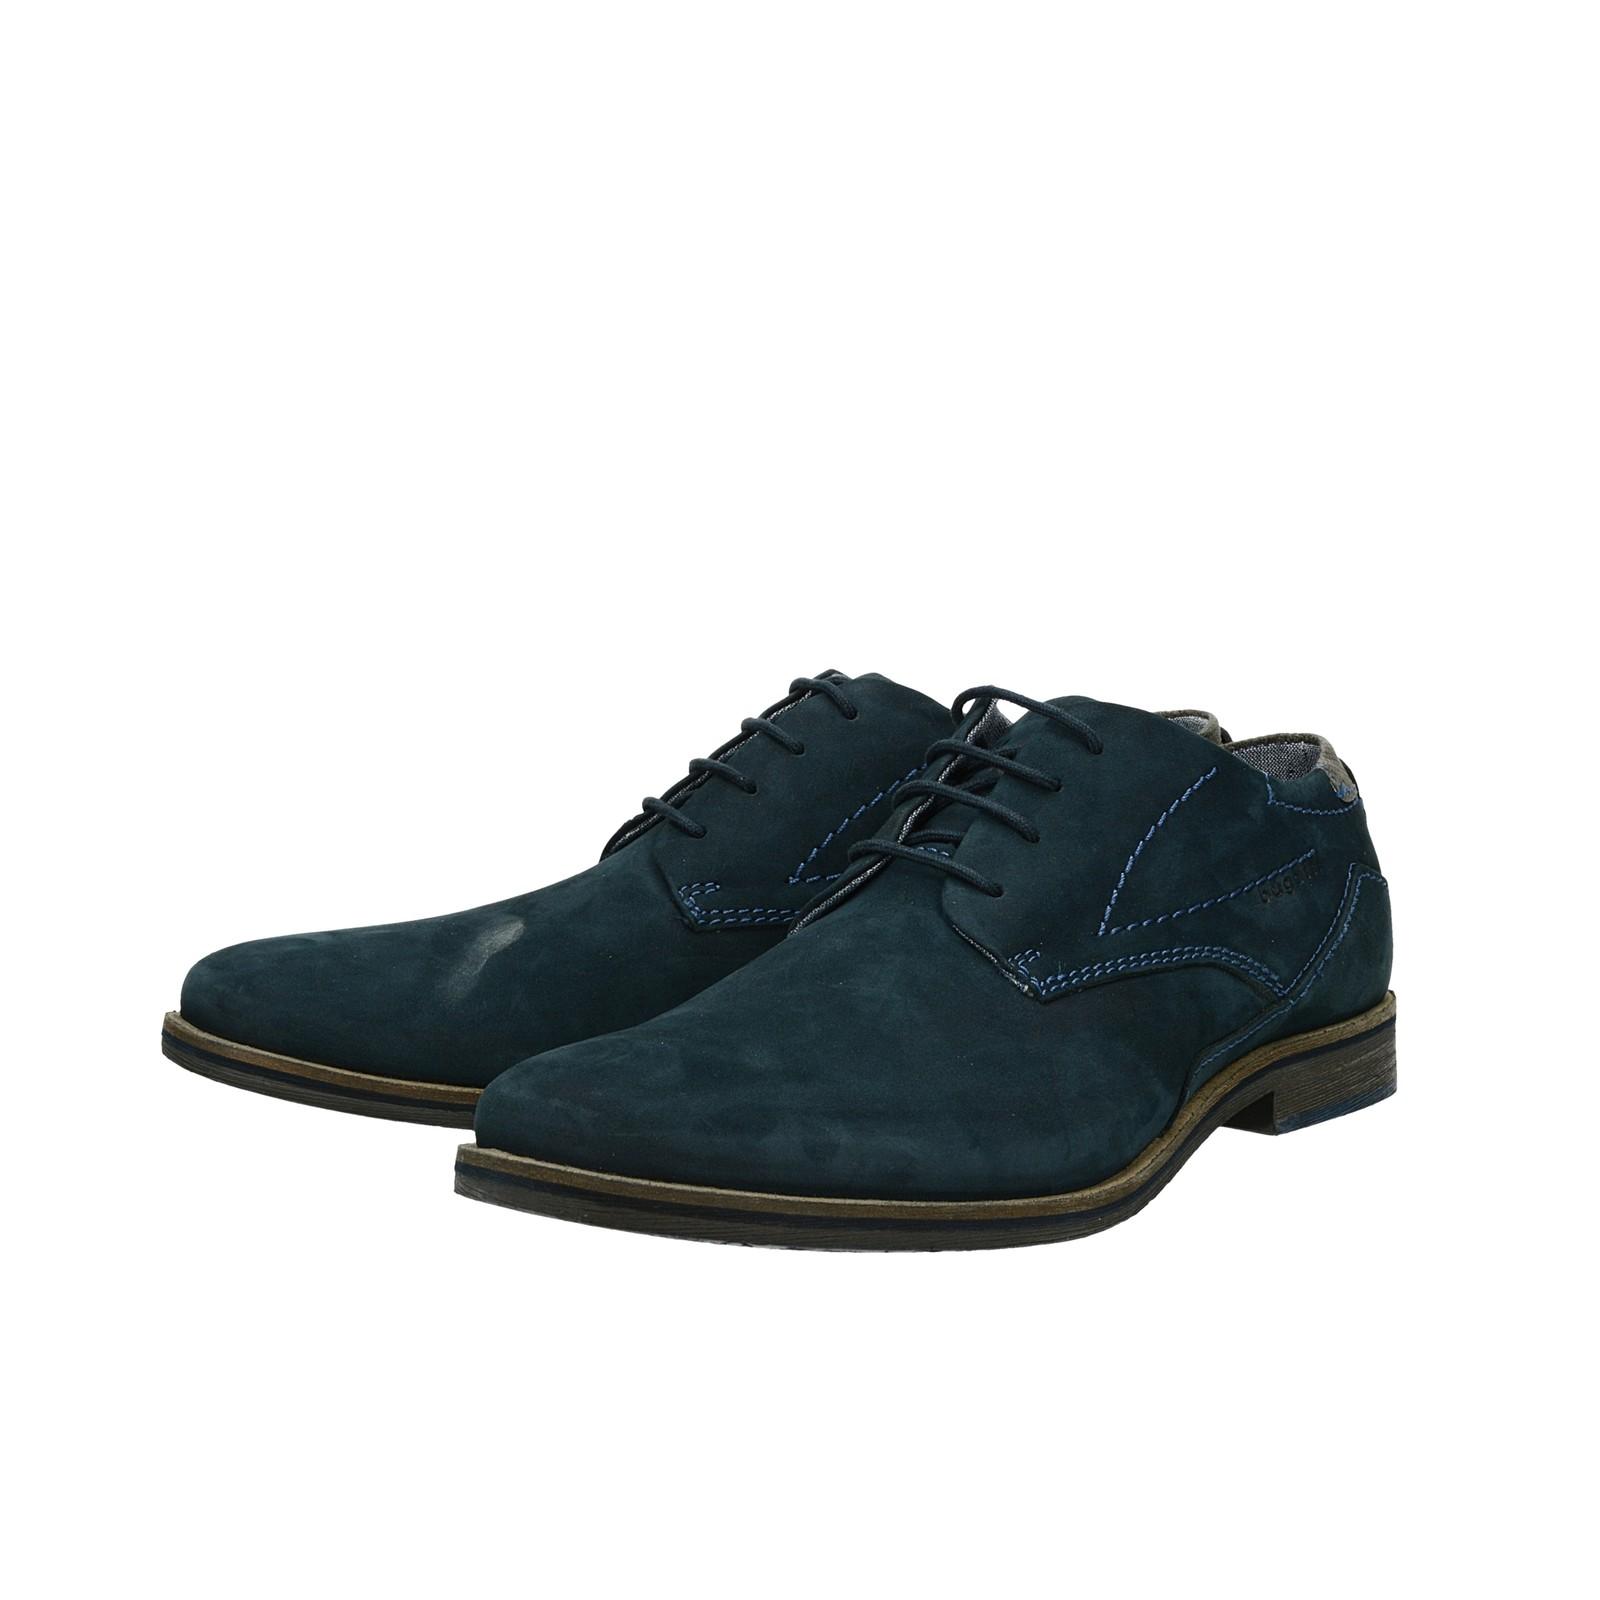 3a5dd5cde Bugatti pánske nubukové spoločenské topánky - tmavomodré   312-17304 ...